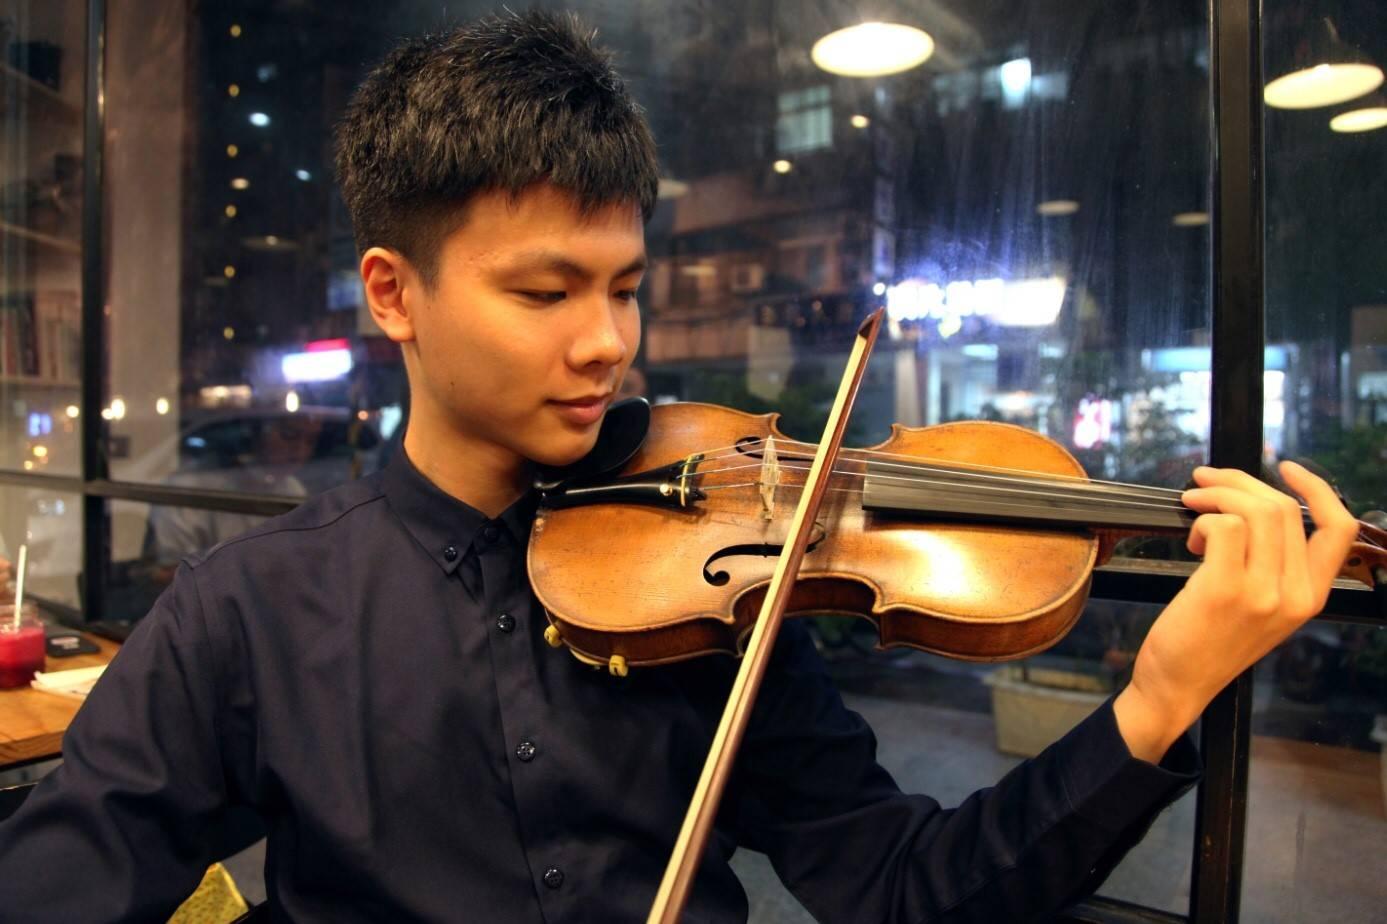 小提琴教學經驗豐富,提琴課程規劃,快速取得服務報價,我的國中音樂班學生考試評語是「音階指法錯誤」,入門小提琴班,專業小提琴教學,Violin Lesson ...